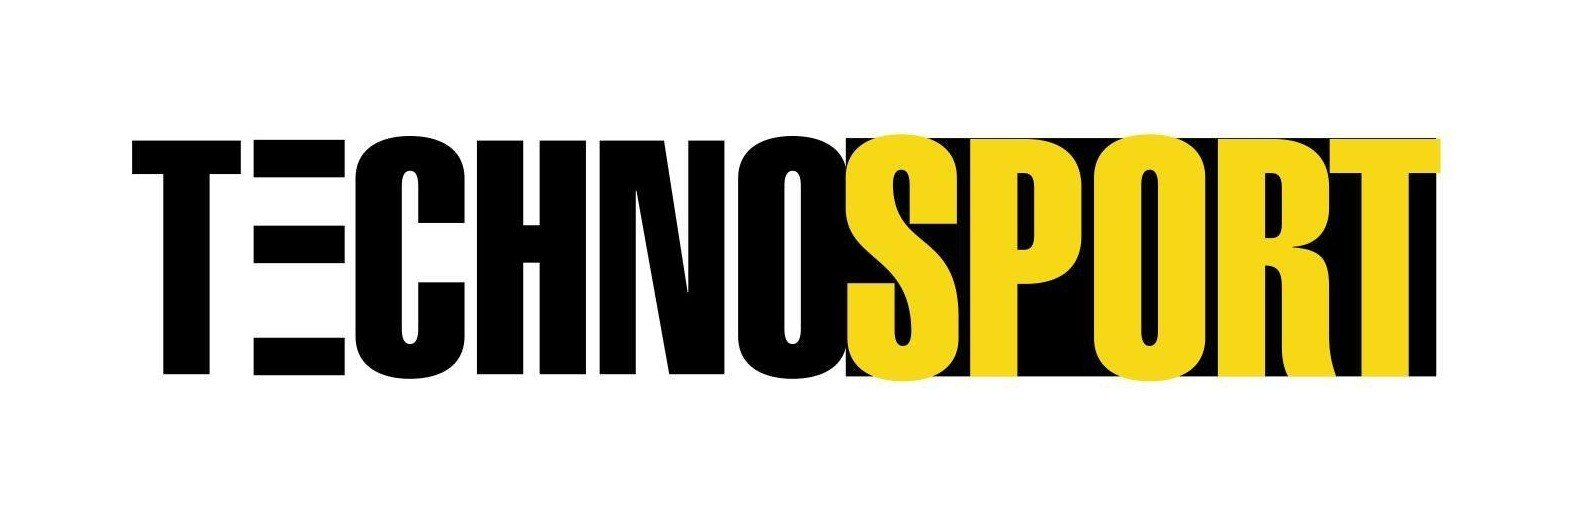 Technosport Watches Logo